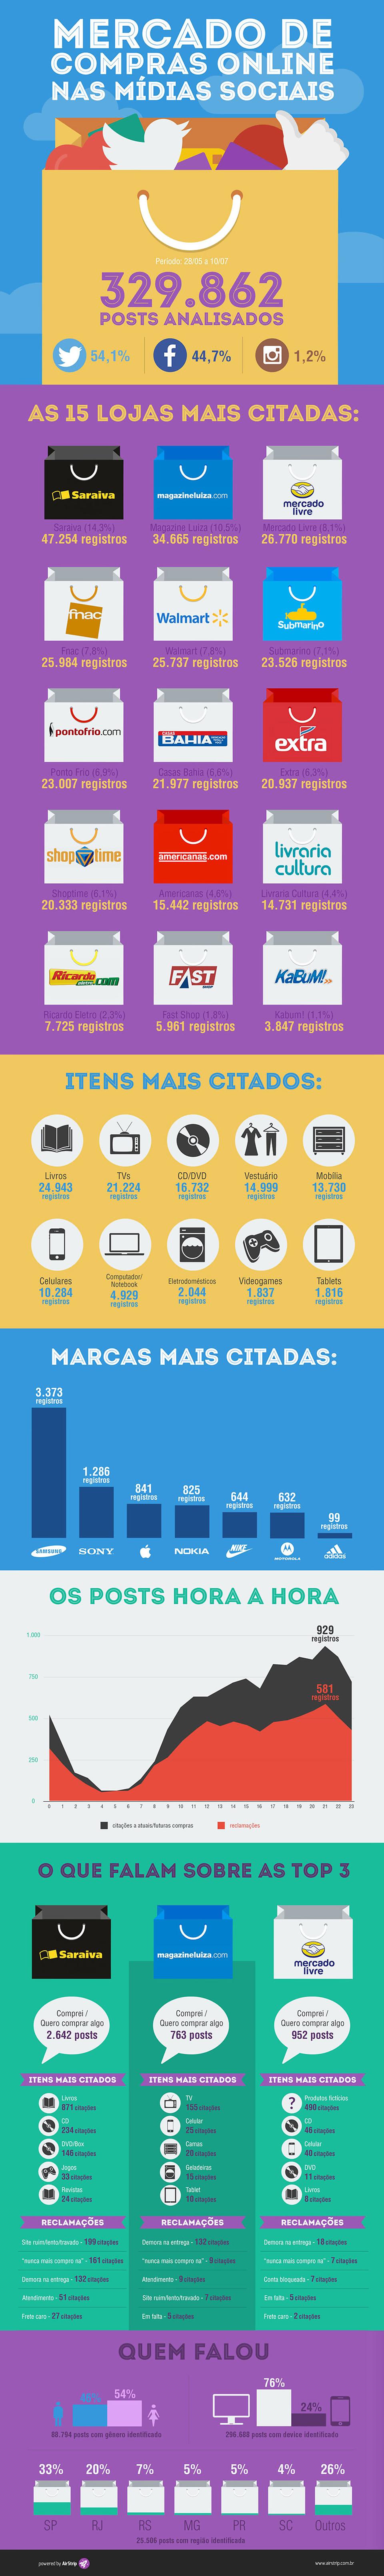 Saraiva e Magazine Luiza são as lojas mais citadas em redes sociais